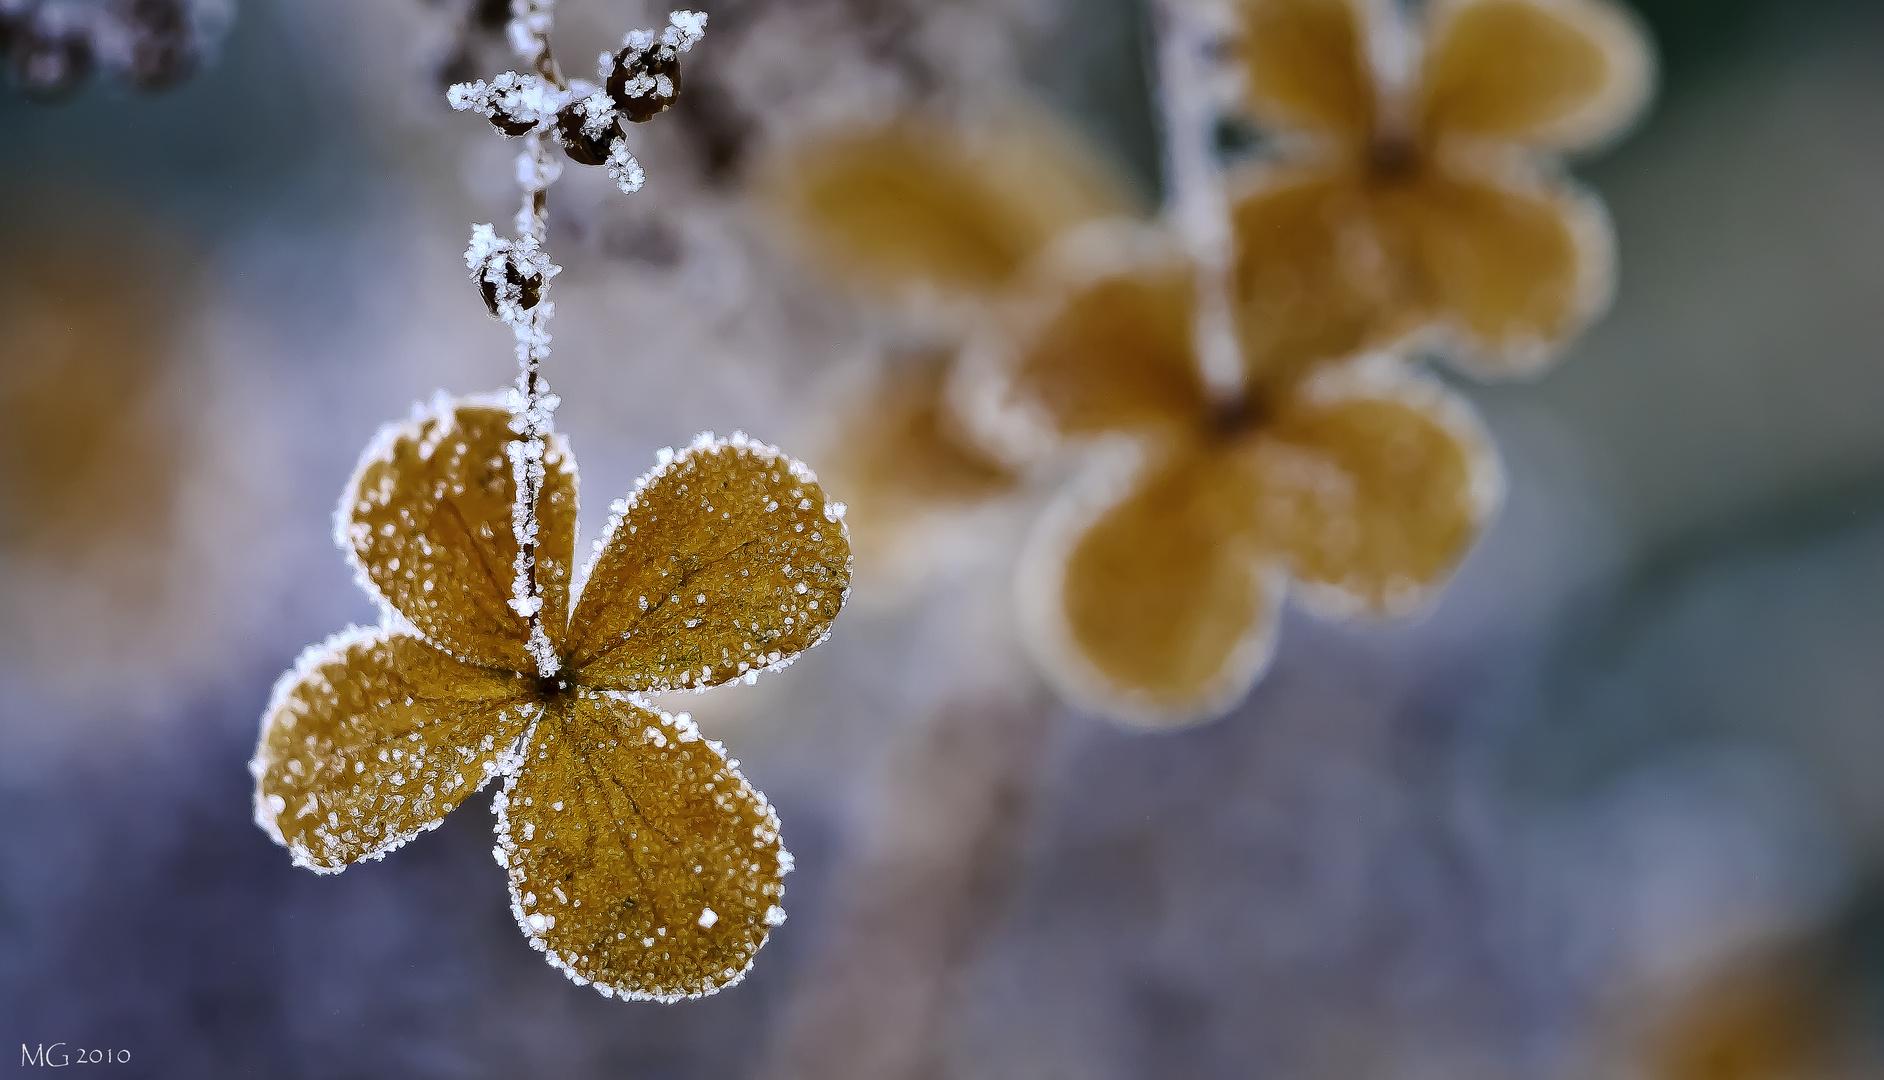 hortensie im winter foto bild natur pflanzen im. Black Bedroom Furniture Sets. Home Design Ideas